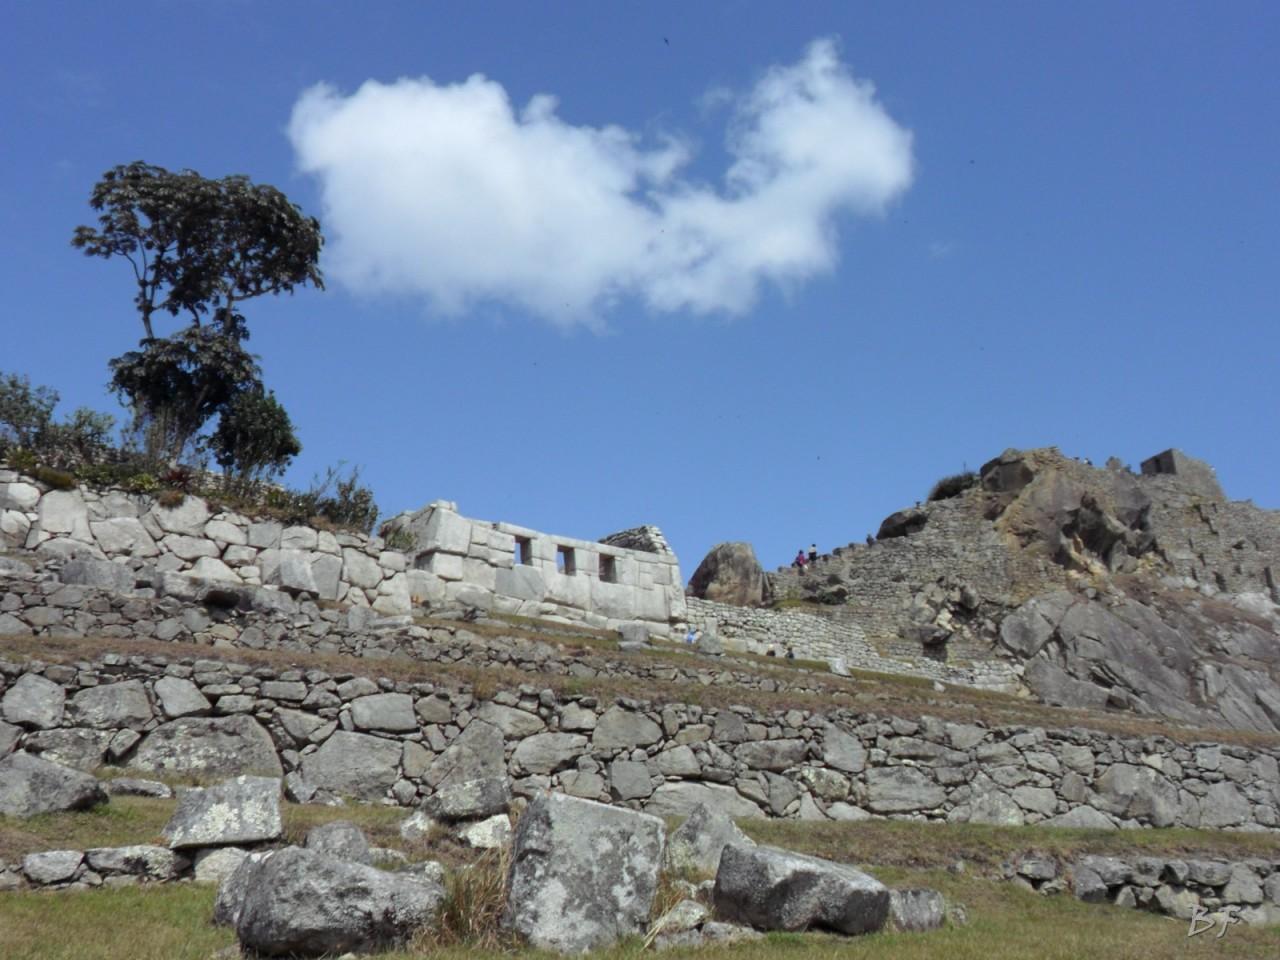 Mura-Poligonali-Incisioni-Altari-Edifici-Rupestri-Megaliti-Machu-Picchu-Aguas-Calientes-Urubamba-Cusco-Perù-41